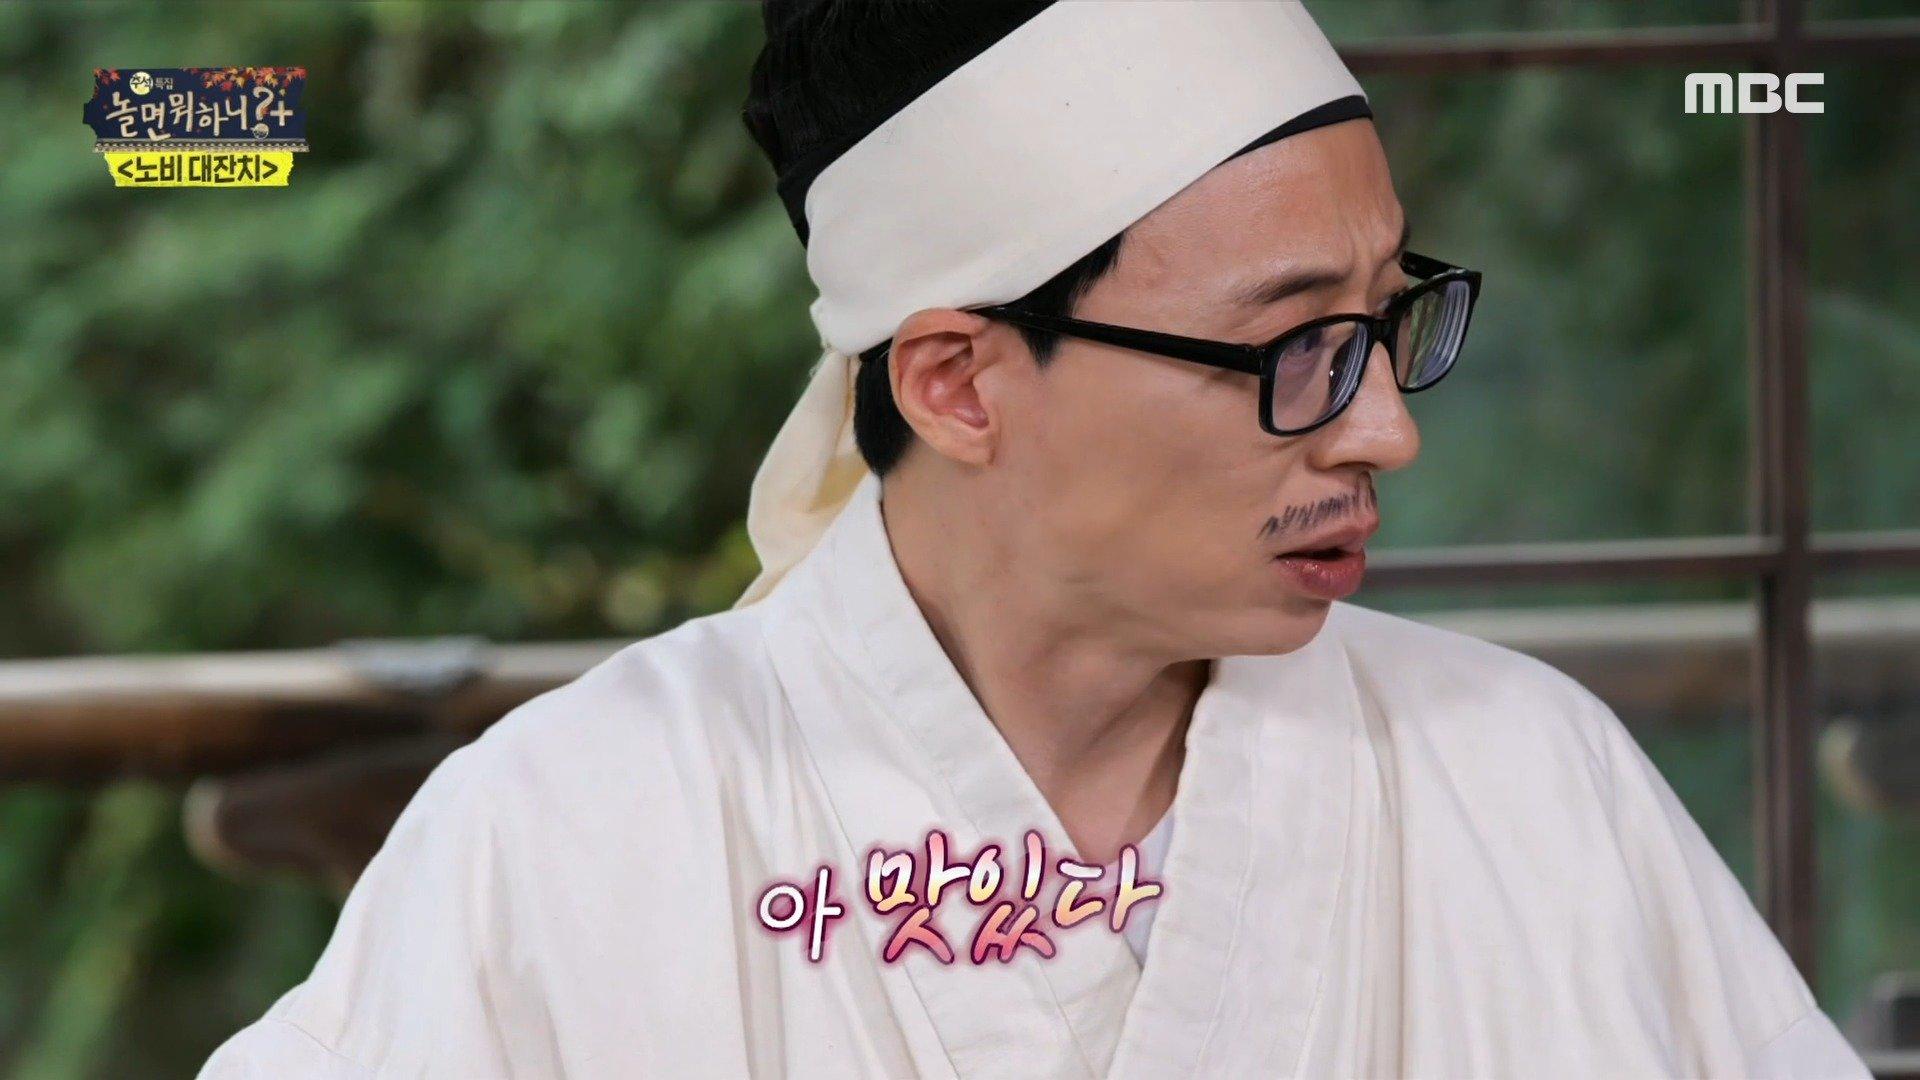 유대감댁 노비들의 떡볶이 완성 노비들이 추천하는 신박한 떡볶이 조합?!, MBC 210918 방송